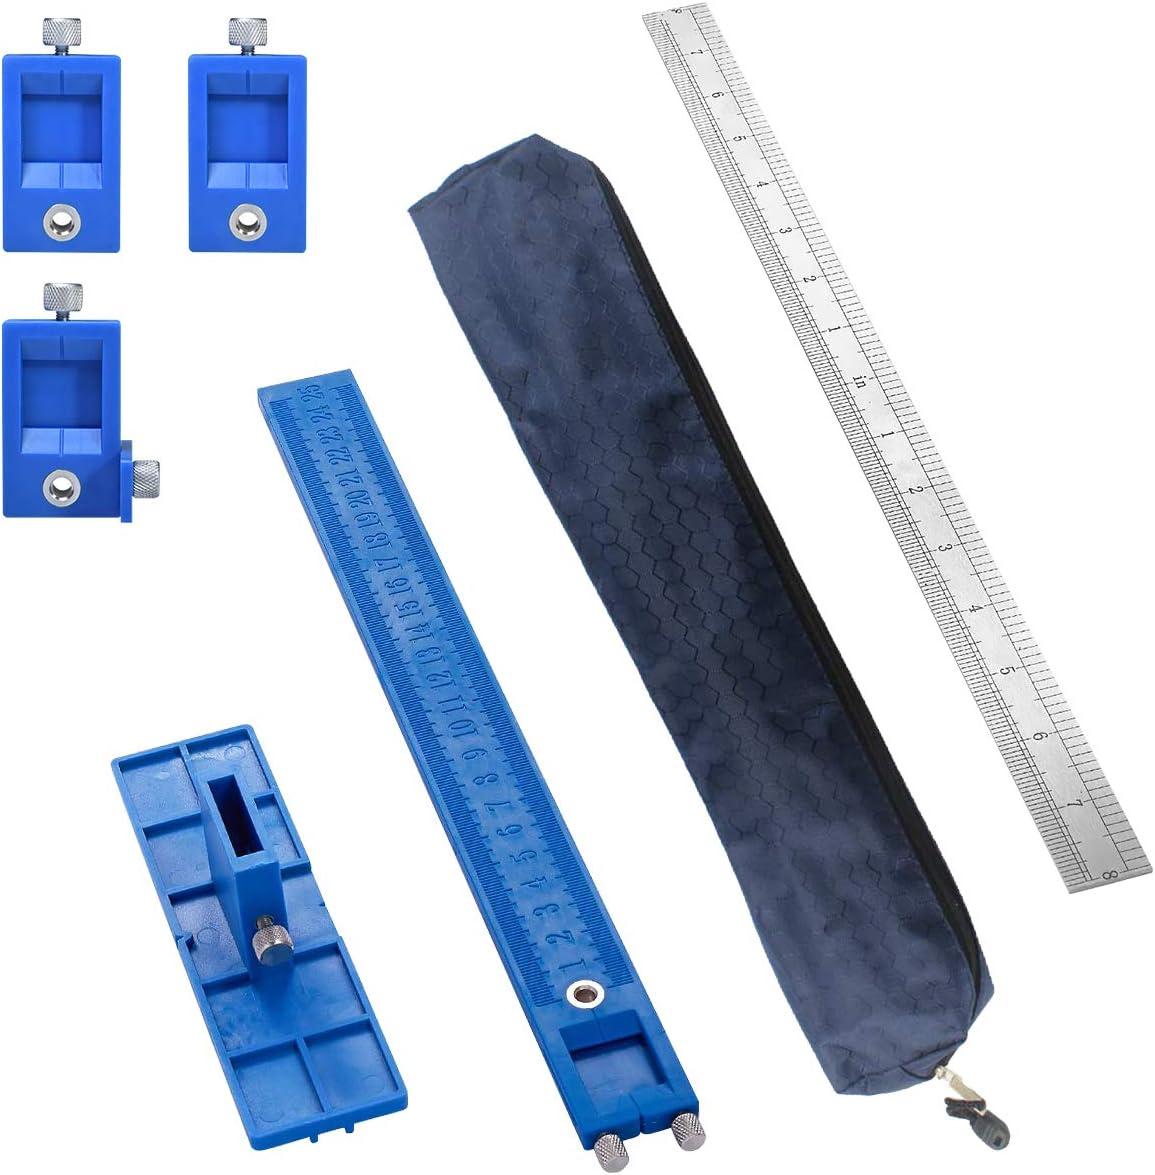 5 mm Locher Bohrlehre Jig Bohrschablone für Möbelgriffe Bohrer-Locator Bohrhilfe